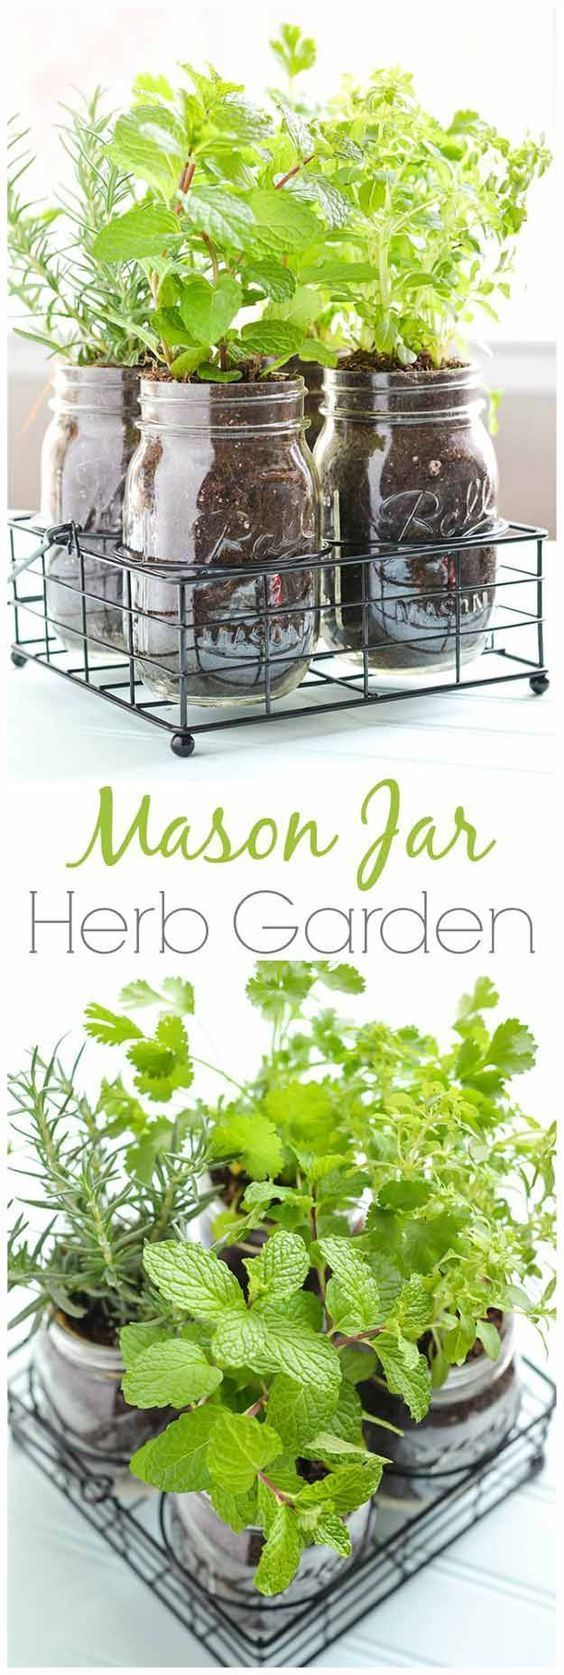 15 fun and easy indoor herb garden ideas mason jar herb on indoor herb garden diy wall mason jars id=40550